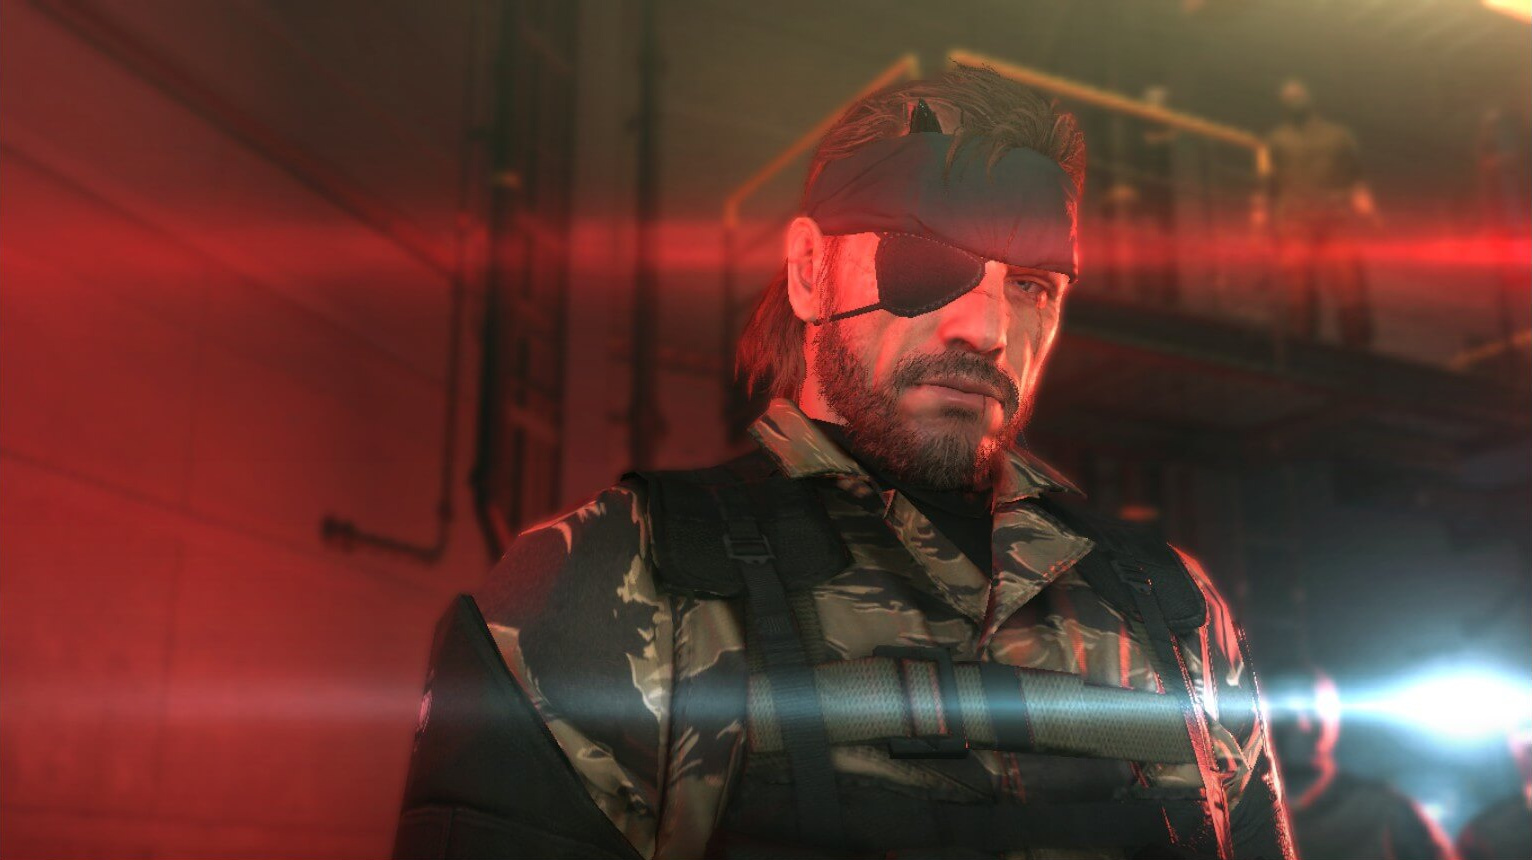 Онлайн Metal Gear Solid V на PS3 и Xbox 360 отключат31 мая 2022 года